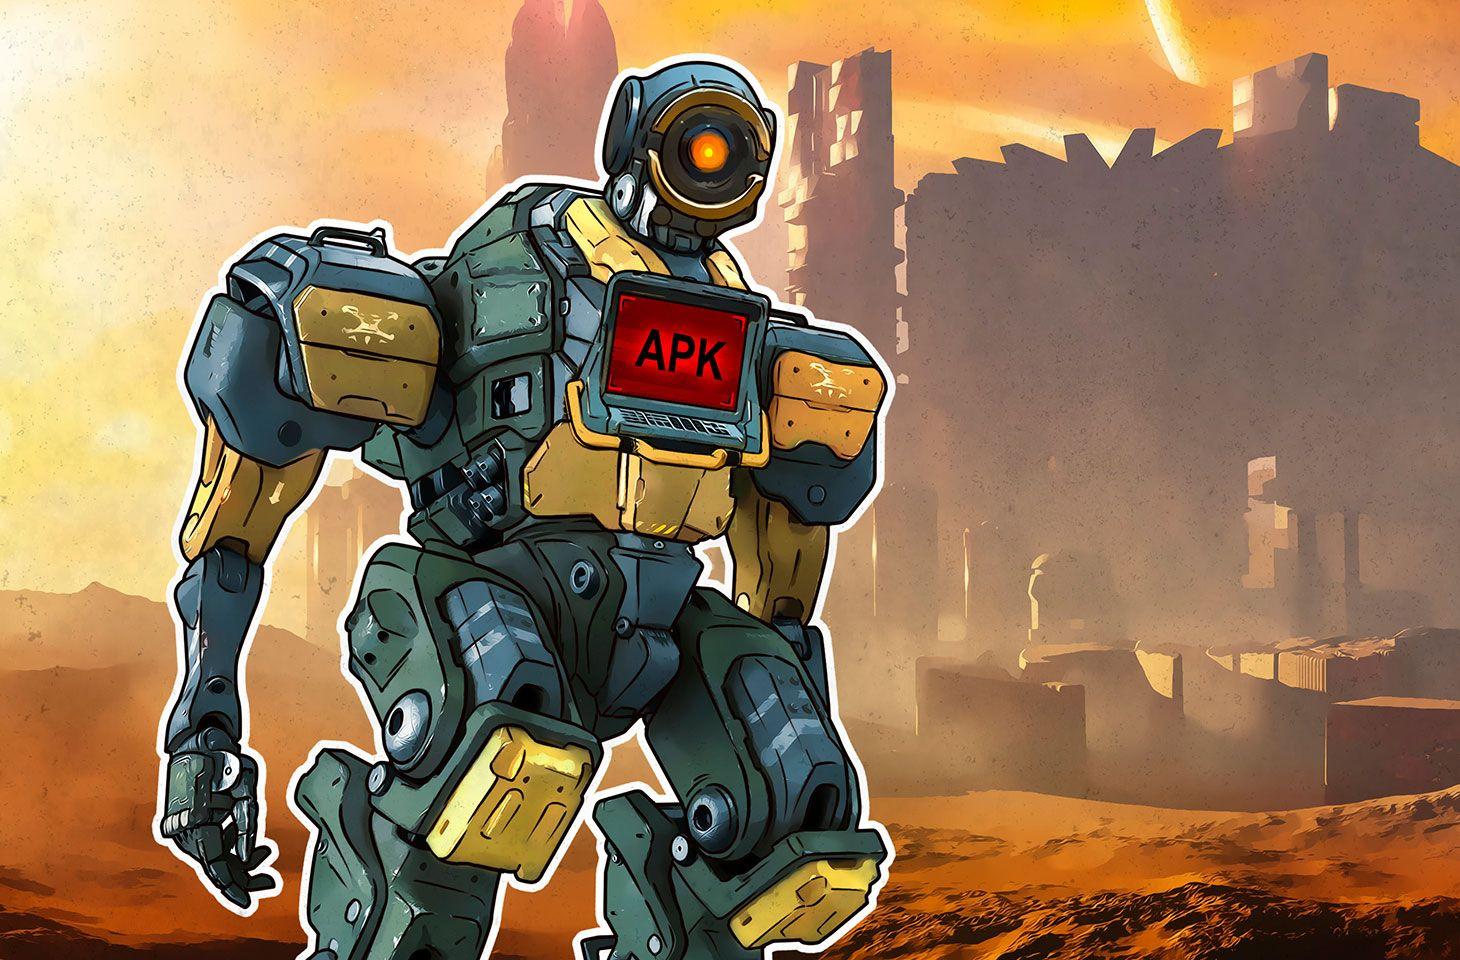 Gamers baixam o Apex Legends para Android e ganham Trojan